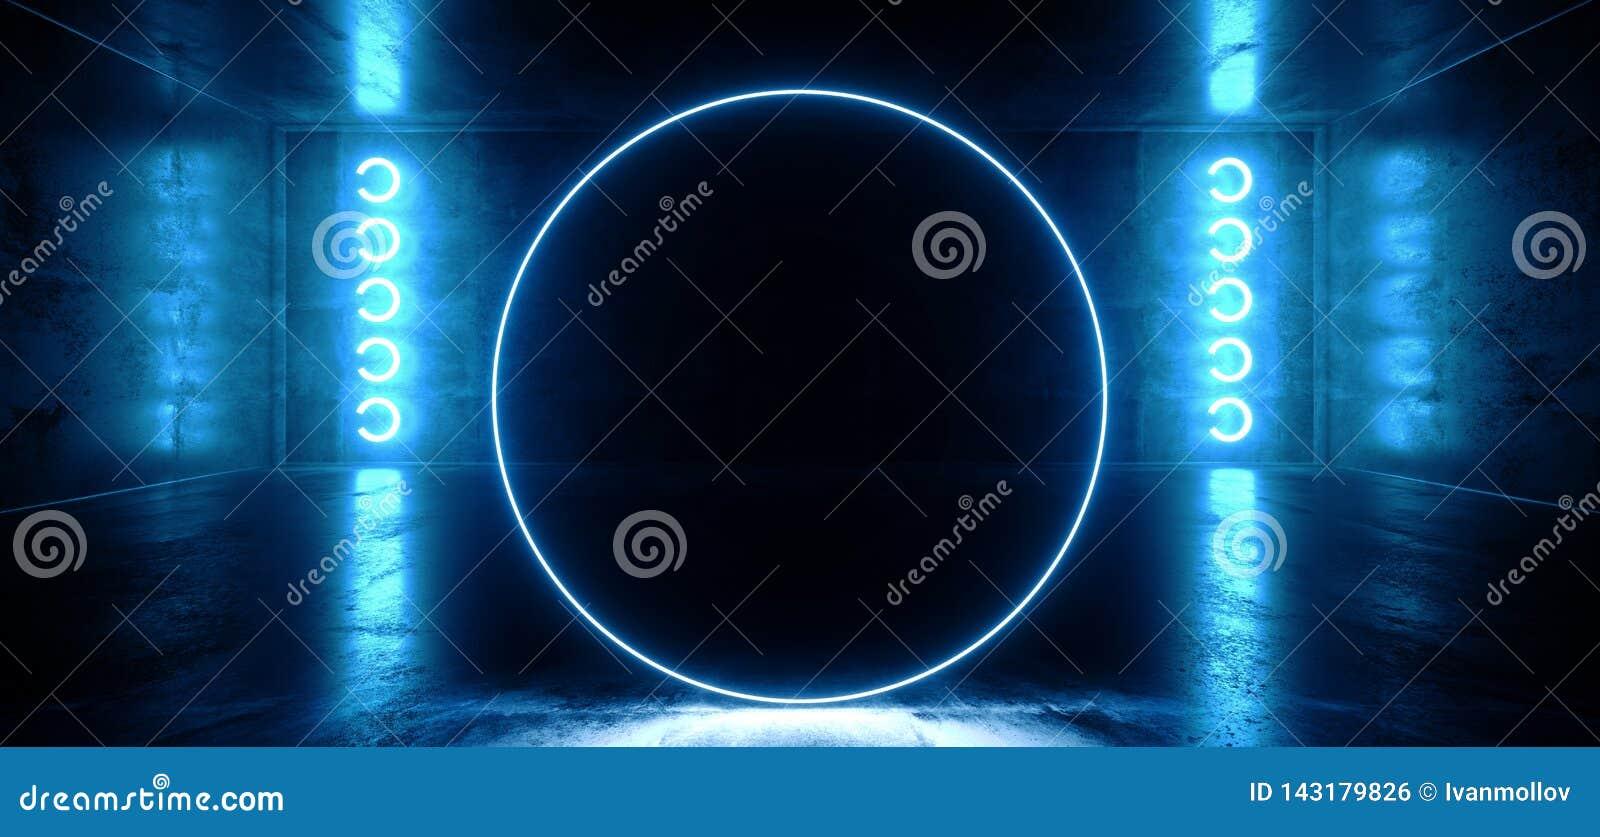 Cirkel Gestalte gegeven Neon het Gloeien Blauw Trillend Virtueel FI van de Bezinnings Concreet Hall Room Stage Lights Sci van Wer